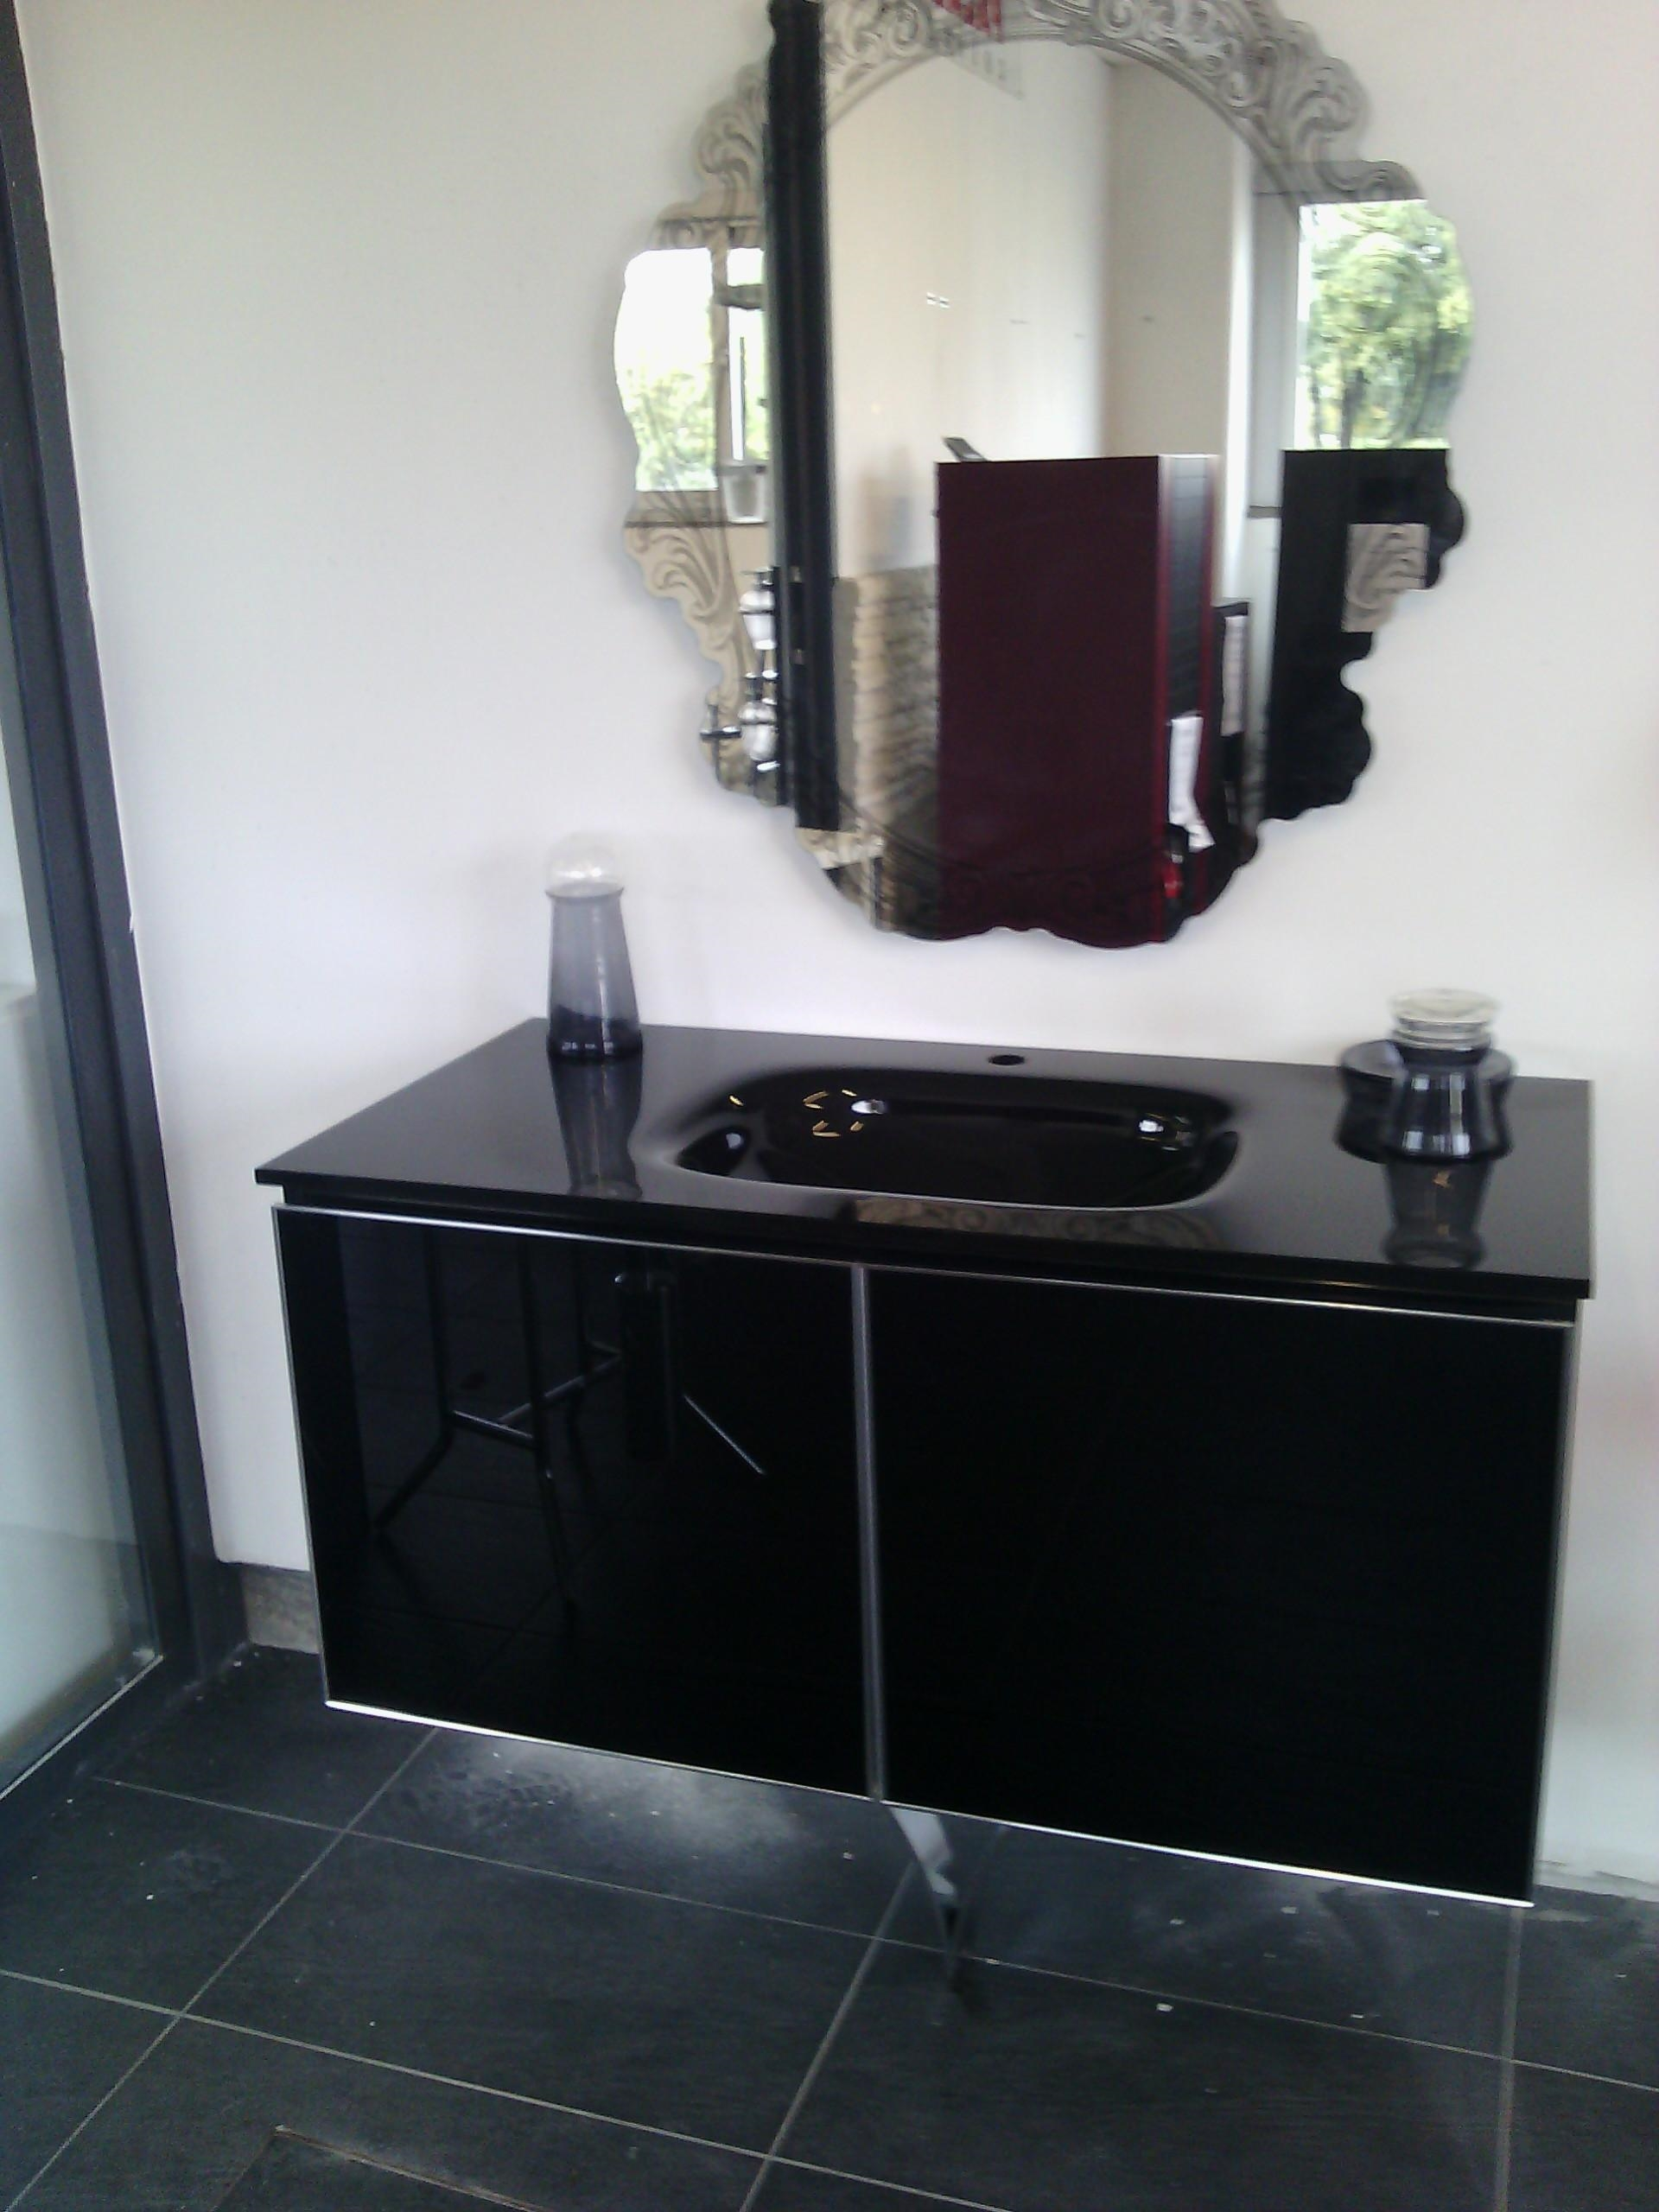 Offerta mobile da bagno onix nero lucido con top in vetro scontato al 60 arredo bagno a - Offerta mobile bagno ...